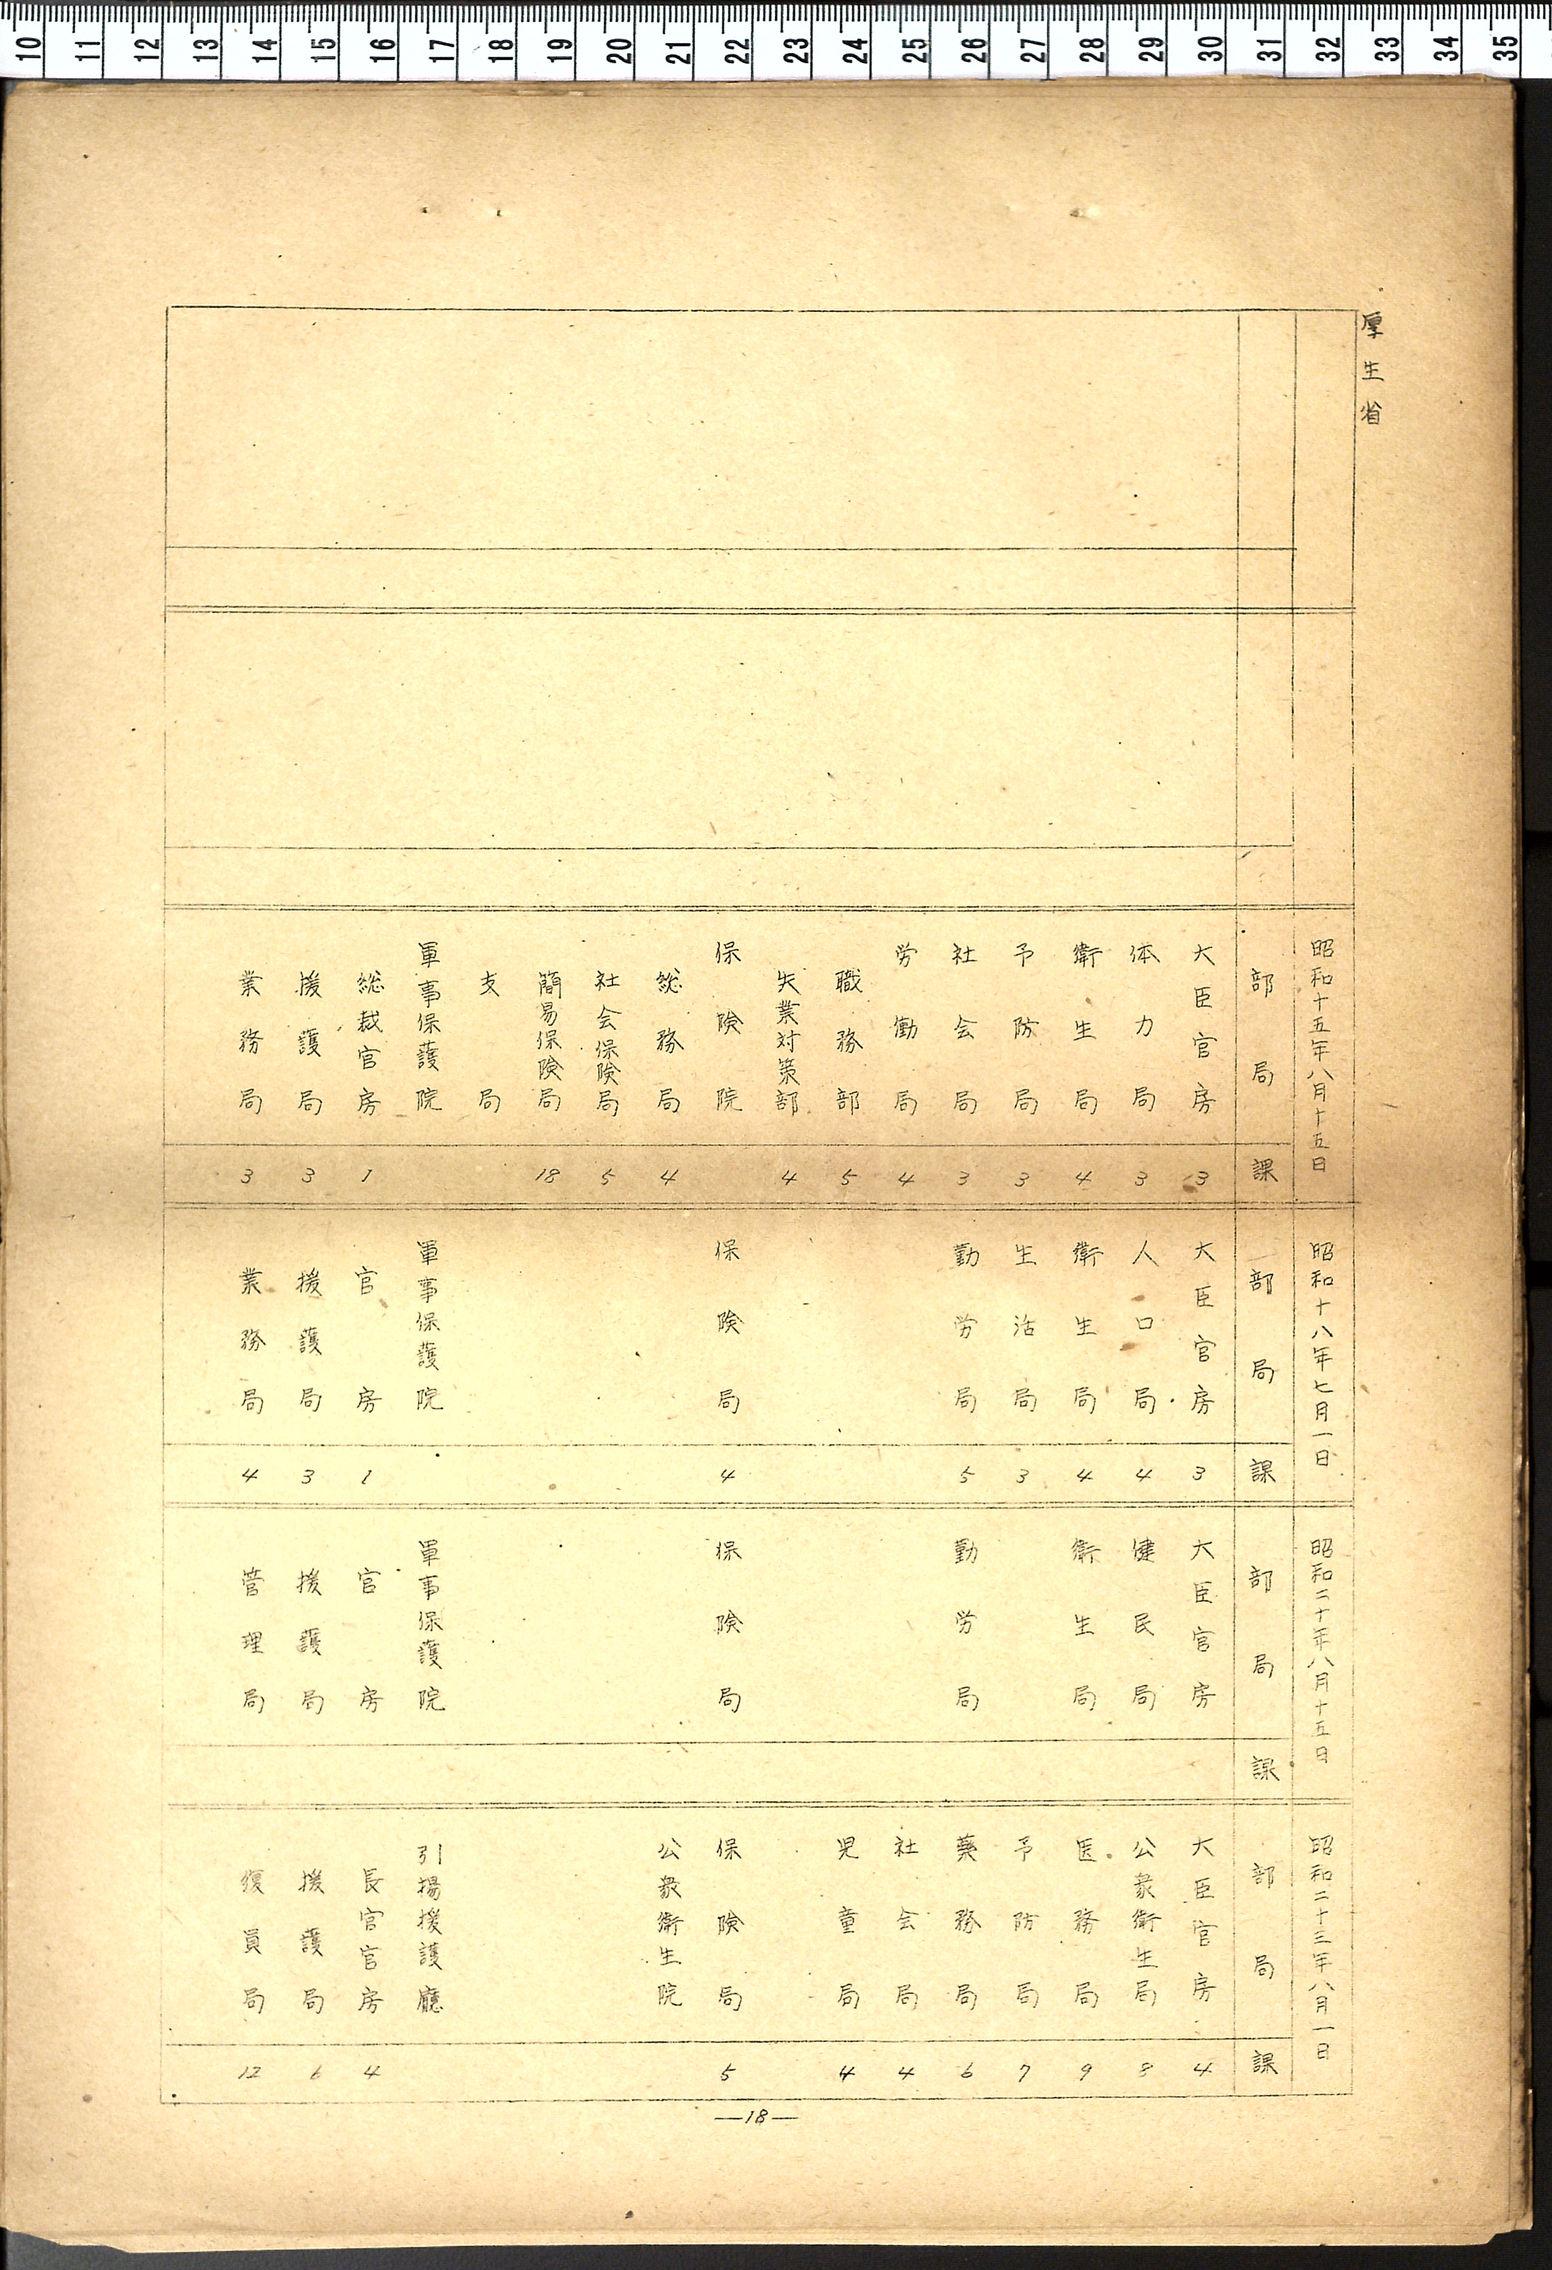 行政機構年別比較表 / 行政管理庁 [編]